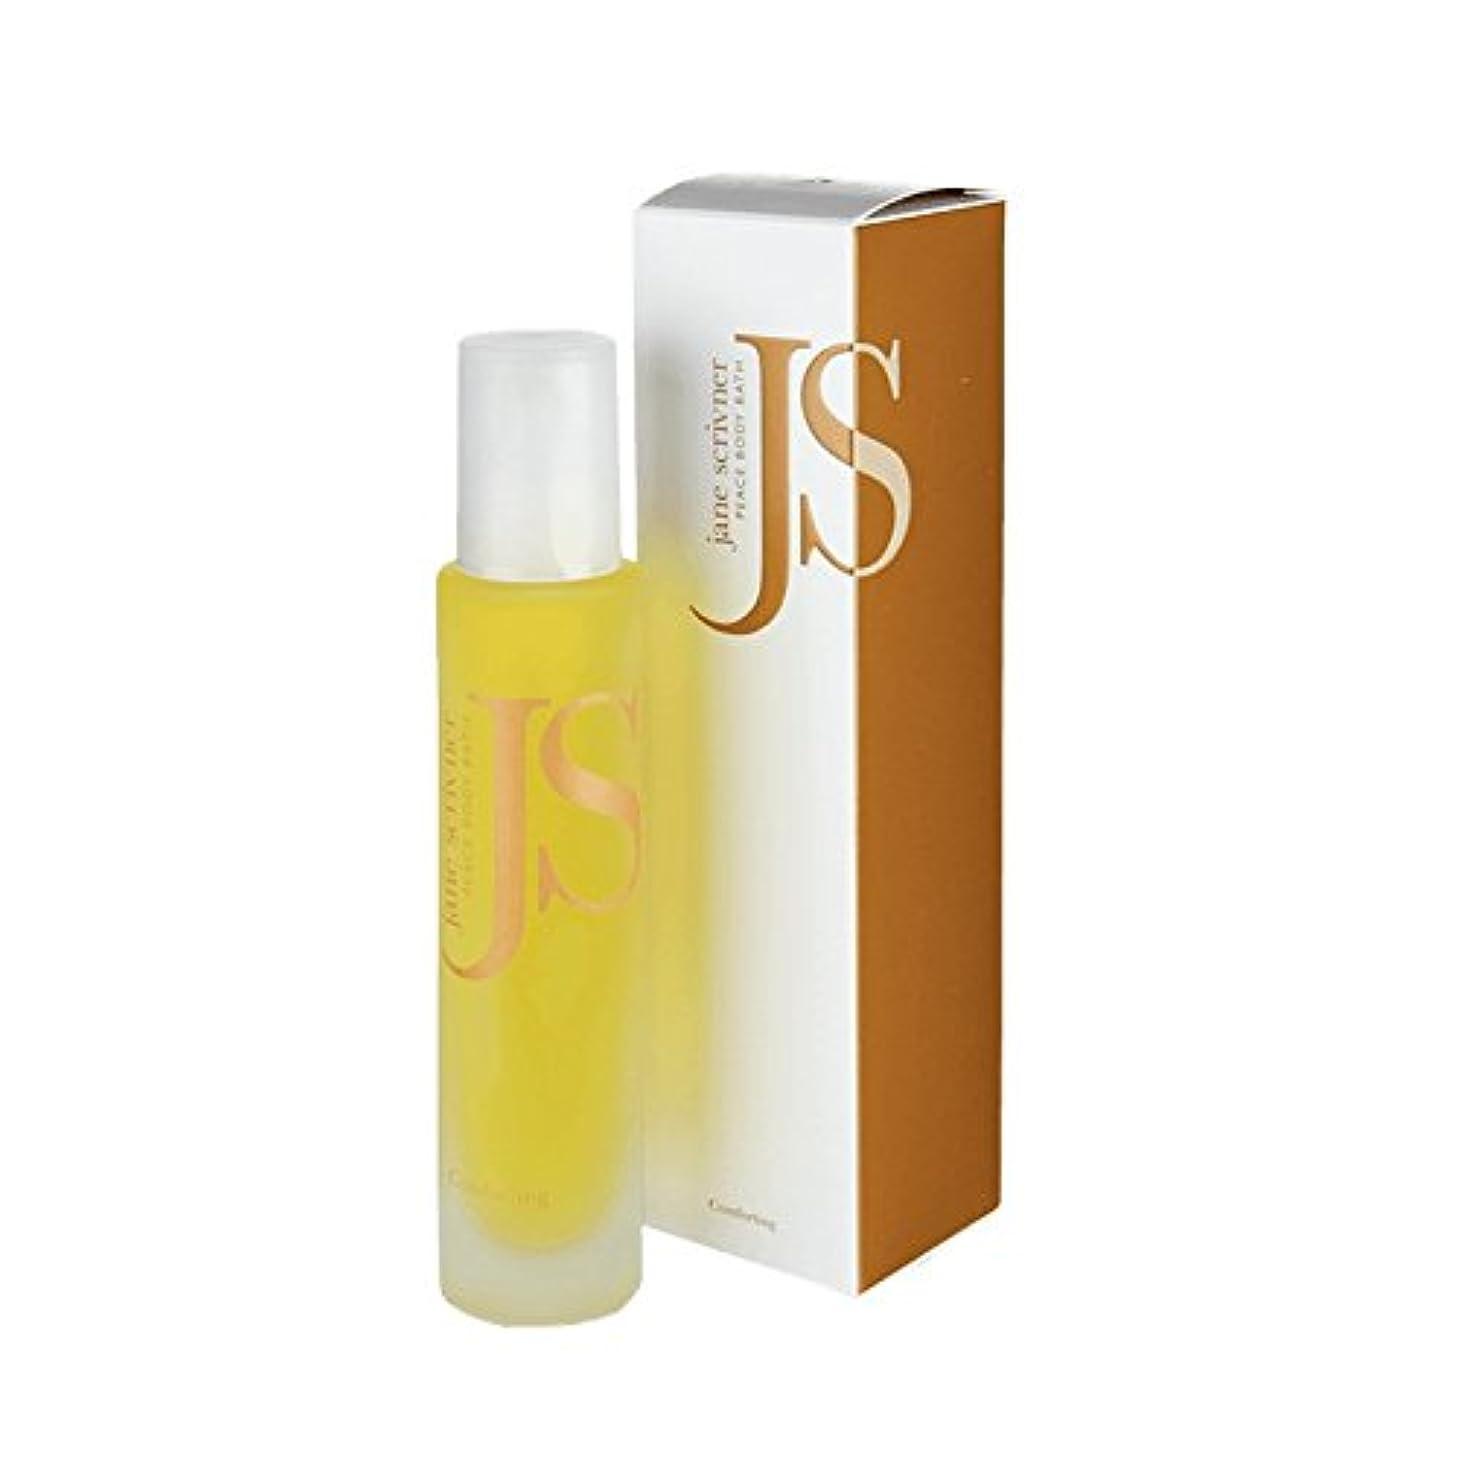 ジャム放棄するレザーJane Scrivner Body Bath Oil Peace 100ml (Pack of 6) - ジェーンScrivnerボディバスオイル平和100ミリリットル (x6) [並行輸入品]